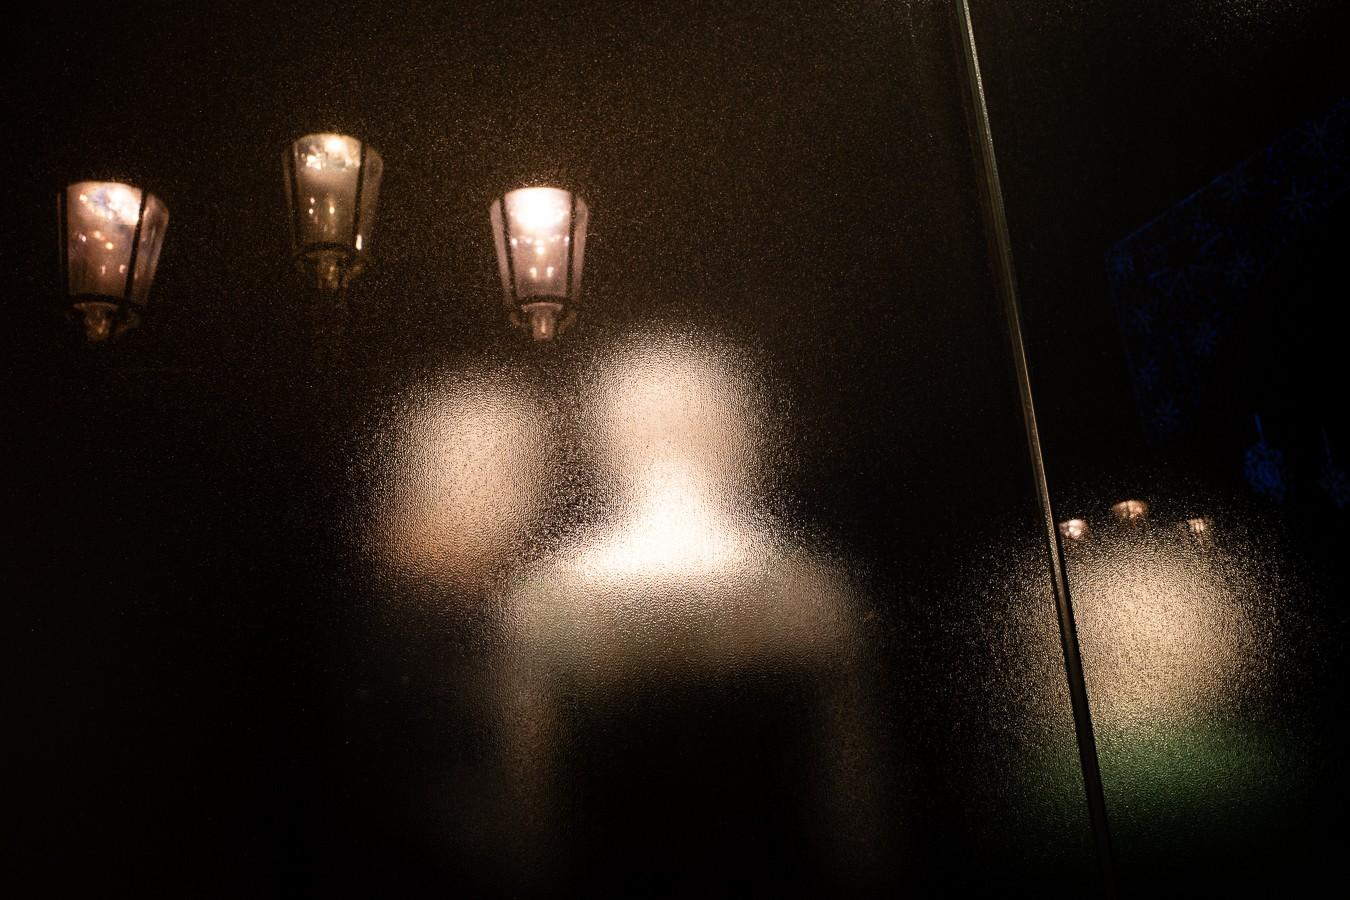 25122019-fotografia-callejera-street-photography-jota-barros-003